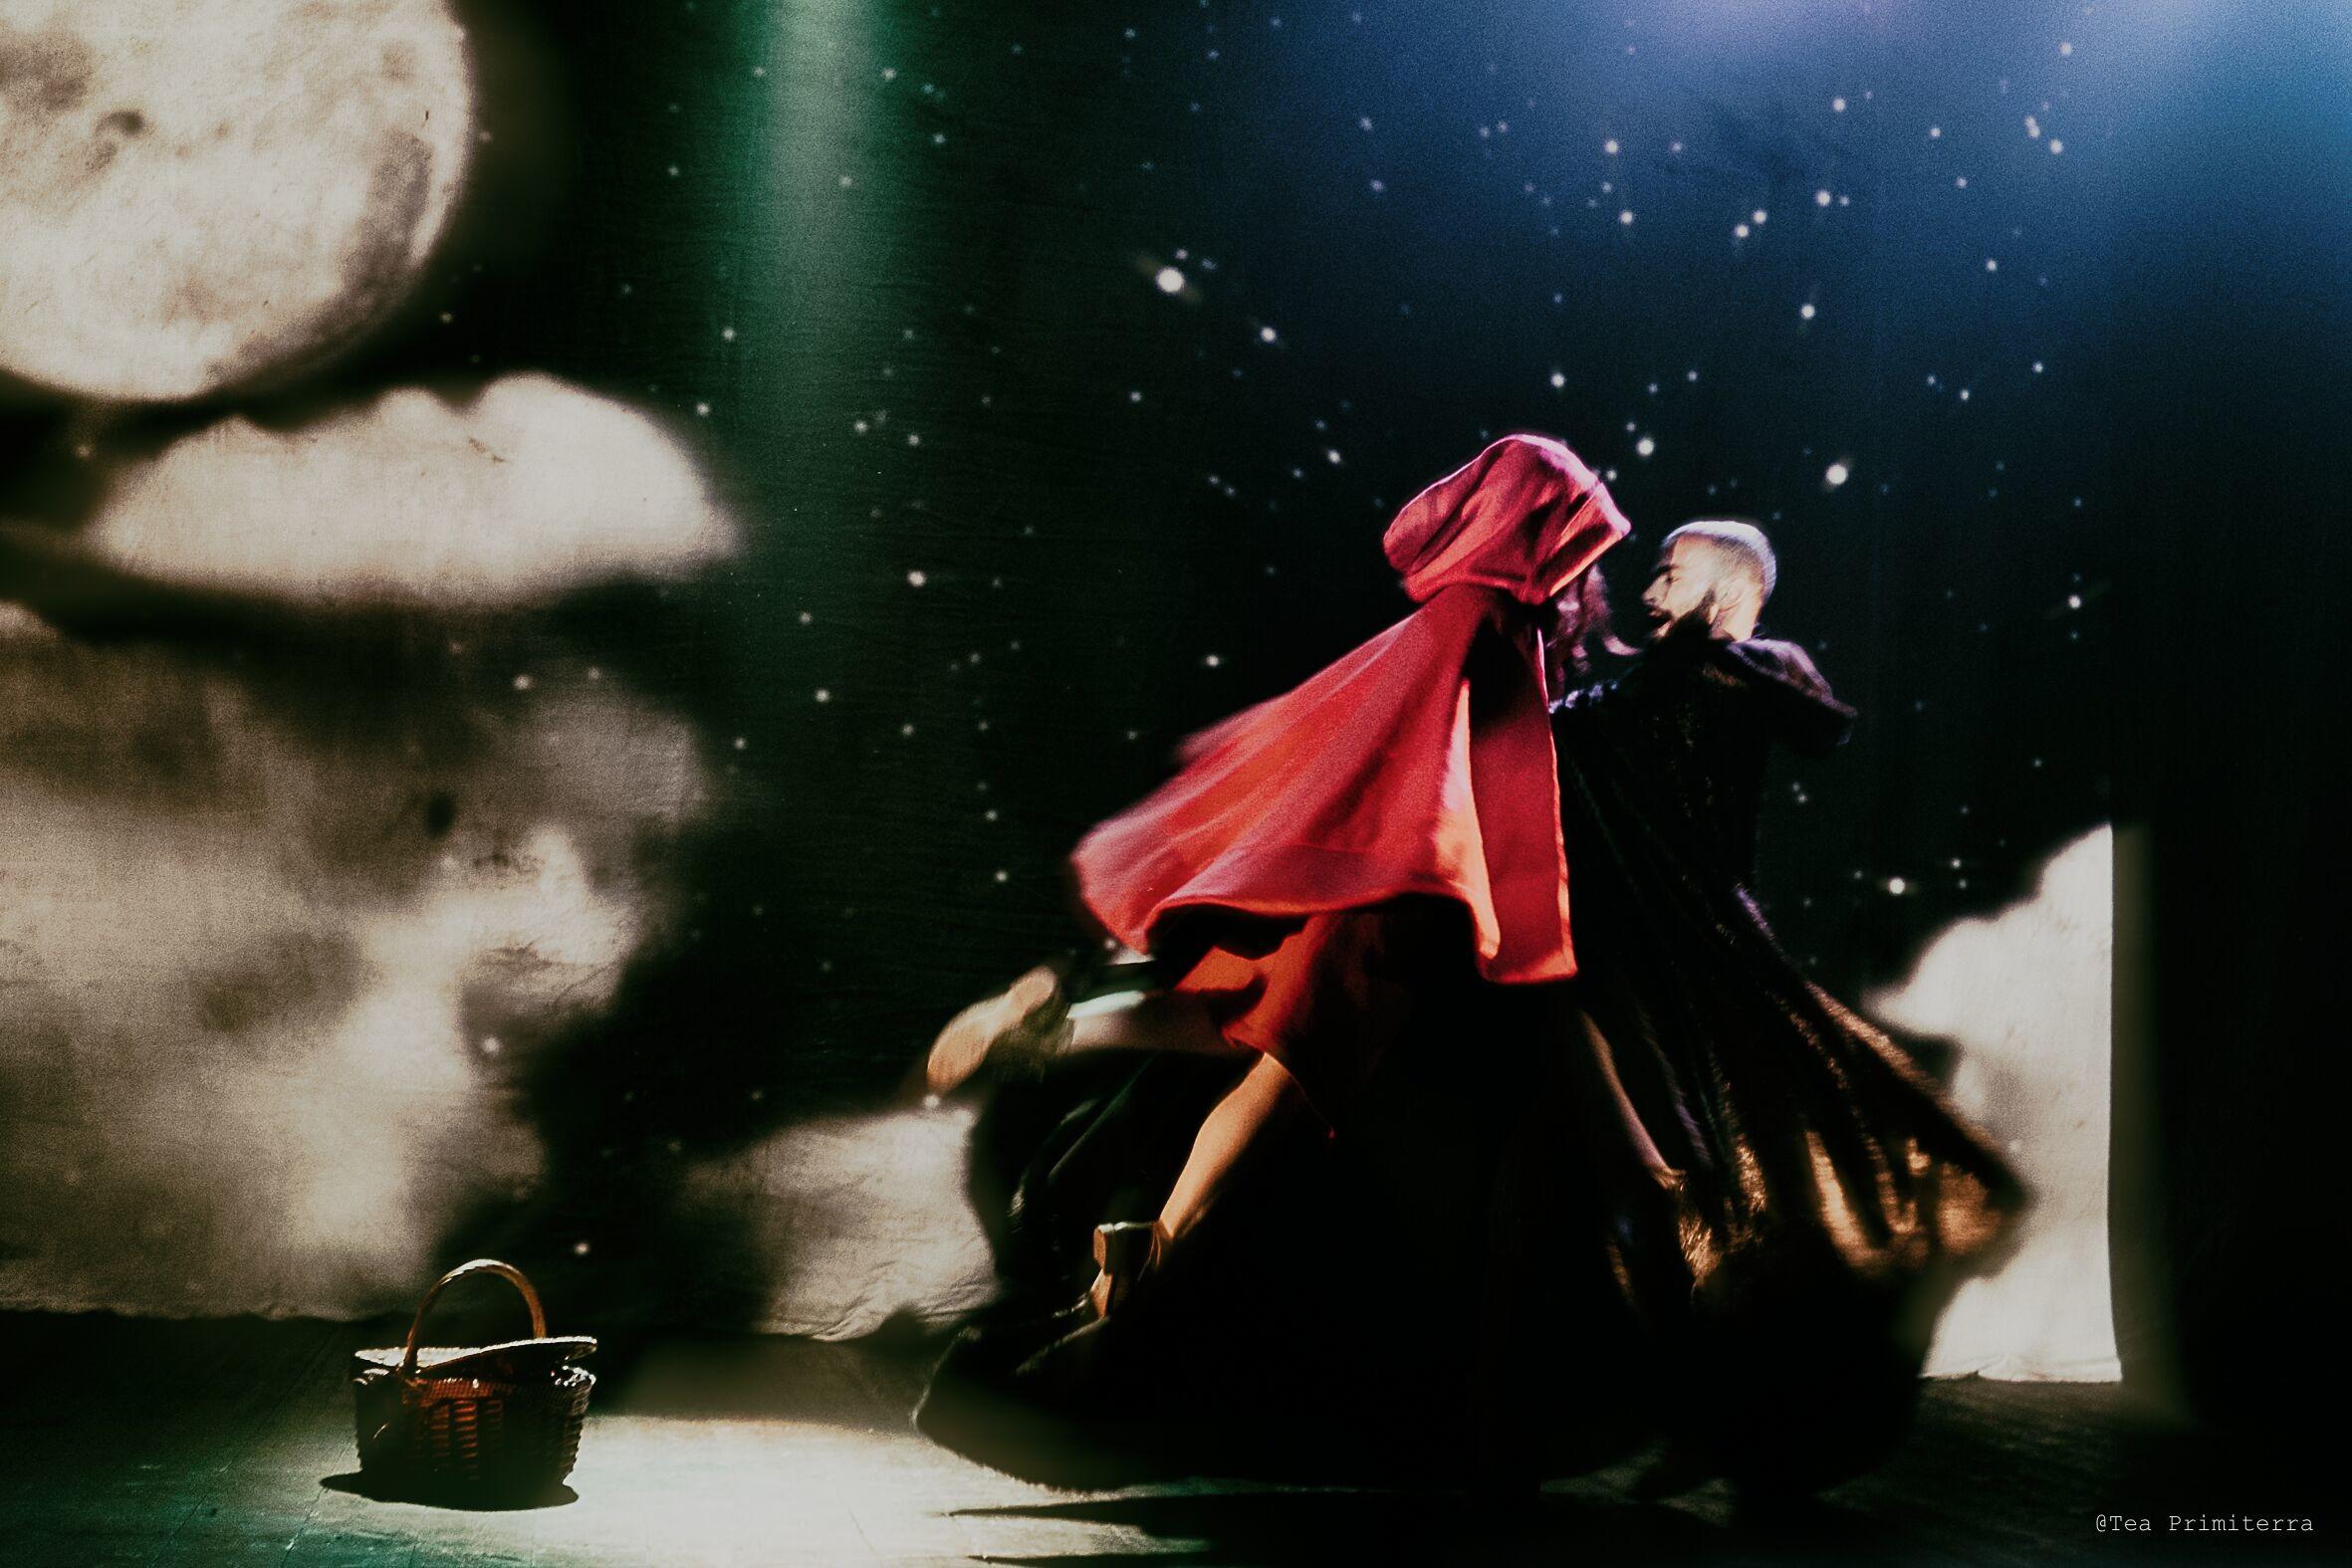 WEEKEND AL PARCO  Cappuccetto rosso tra danza, cartoni d'epoca e arte